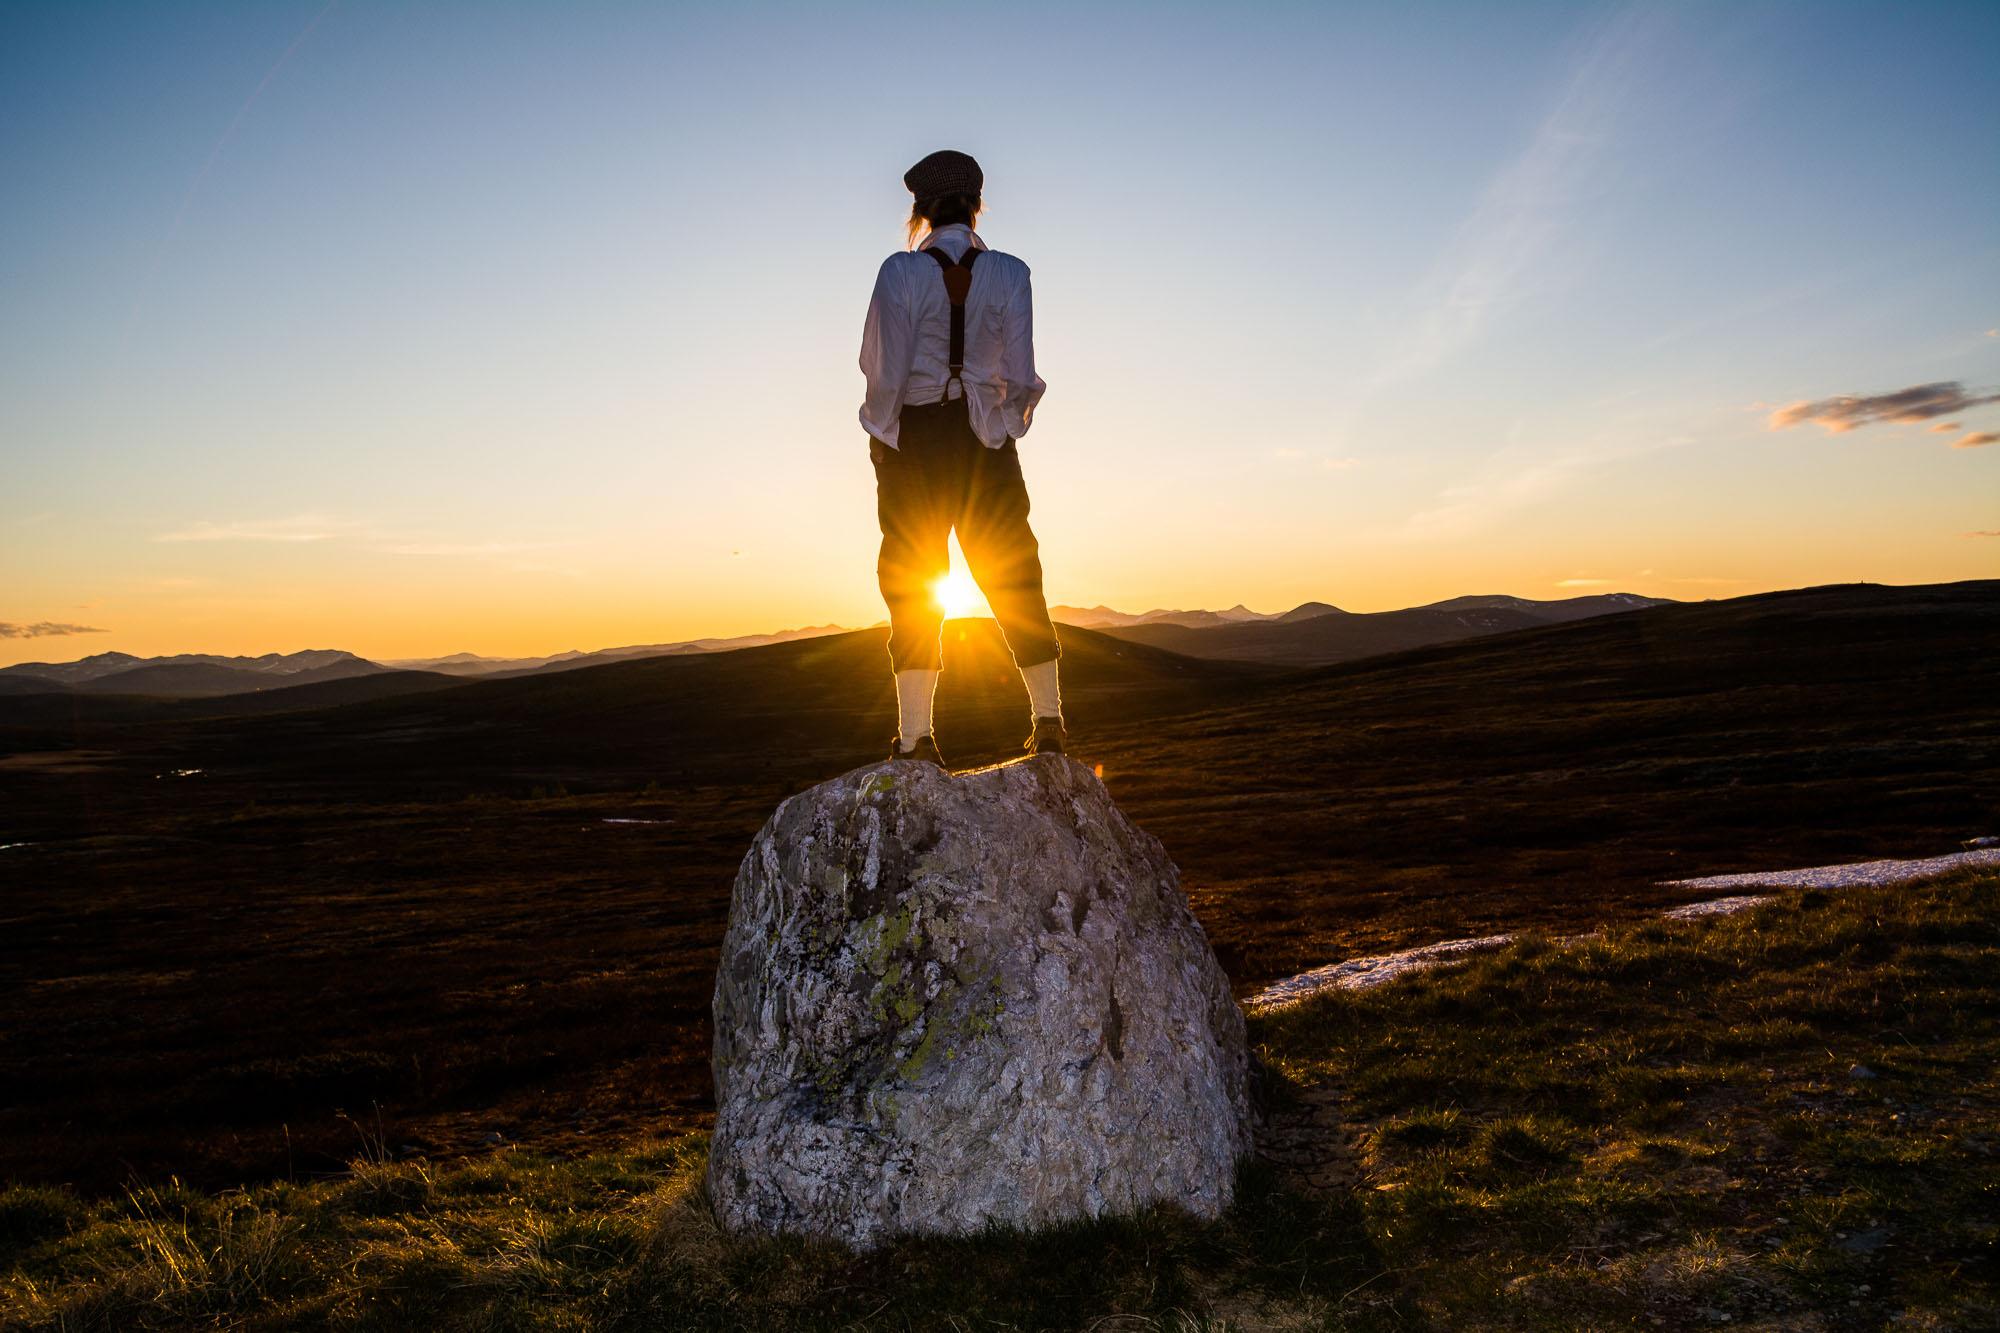 """Peer Gynt`s rike """"Hvilken vei bør jeg velge. Mang en vei står meg åpen"""" Bildet er tatt fra Jammerdalshøgda med Rondane i bakgrunnen"""